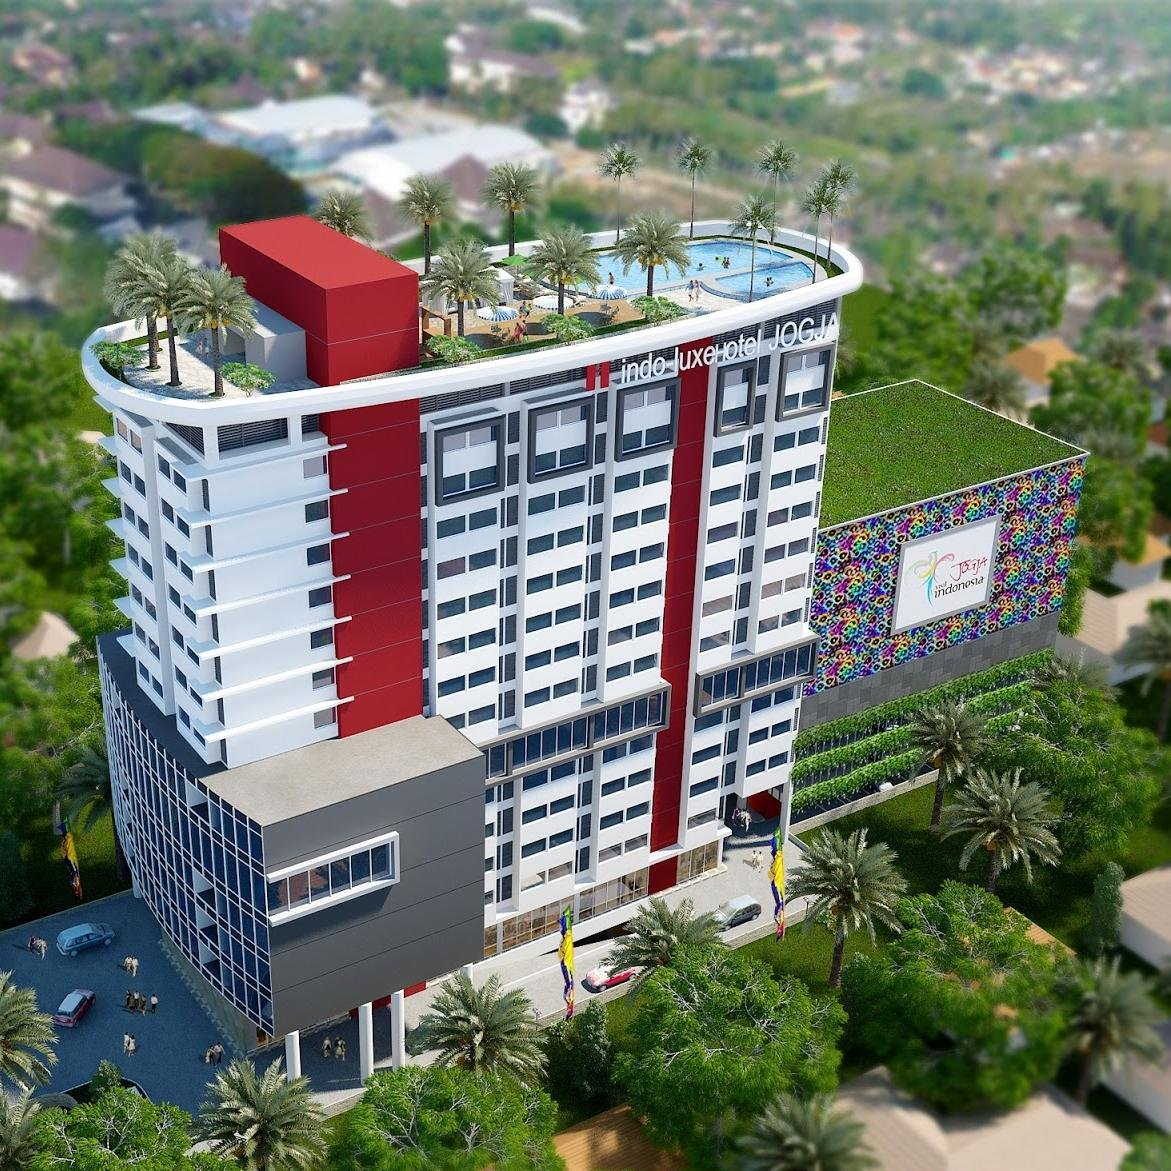 Hotel Tentrem Yogyakarta Closed: Indoluxe Hotel Jogja (@indoluxehotel)